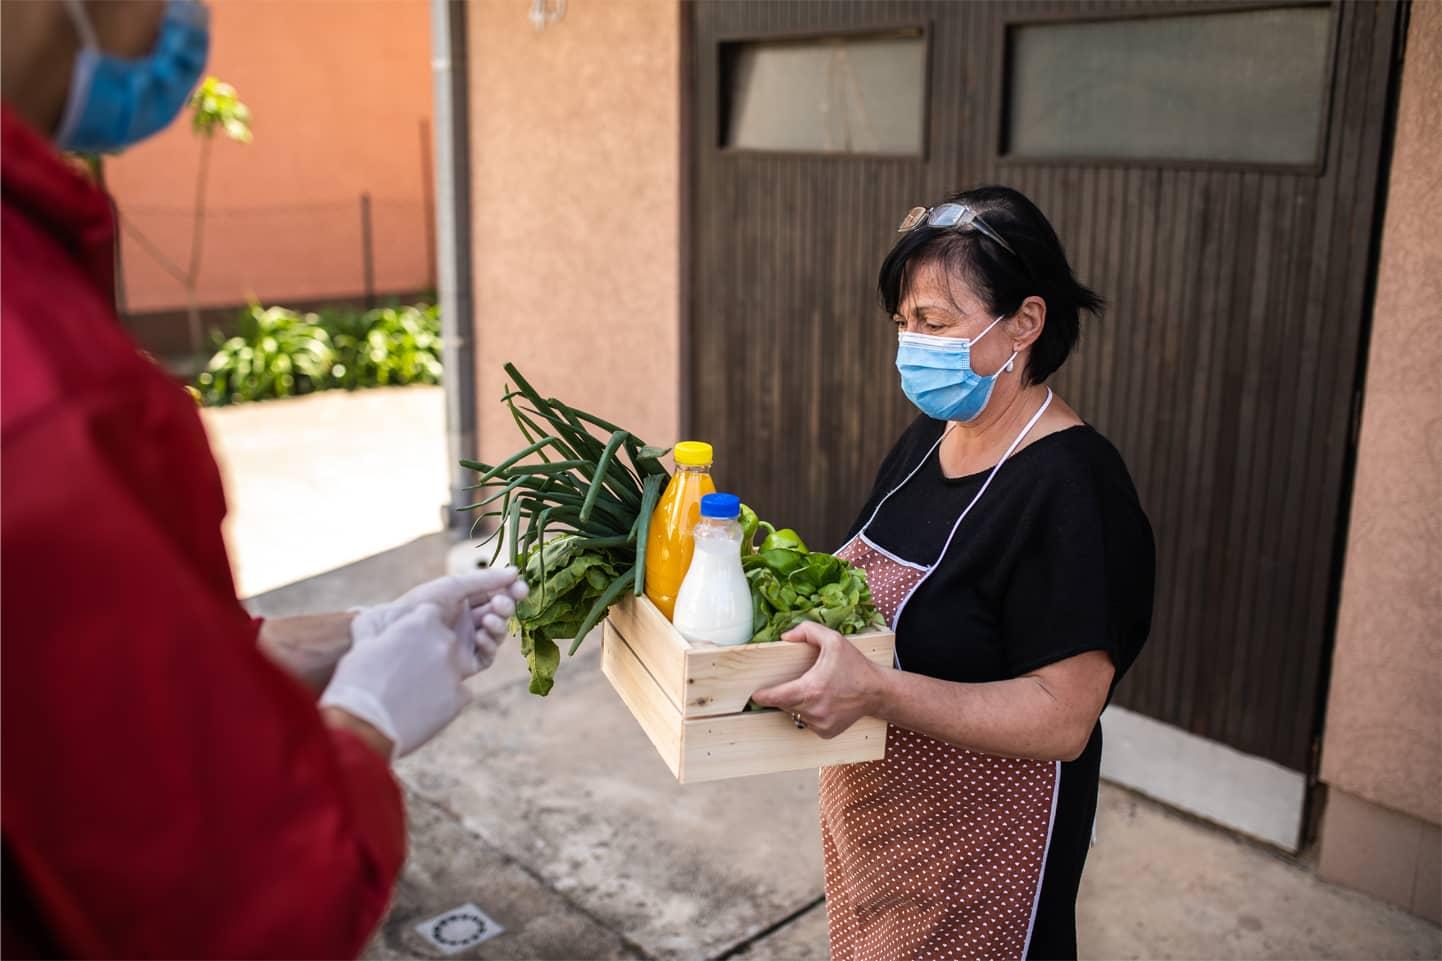 woman carrying carton of food